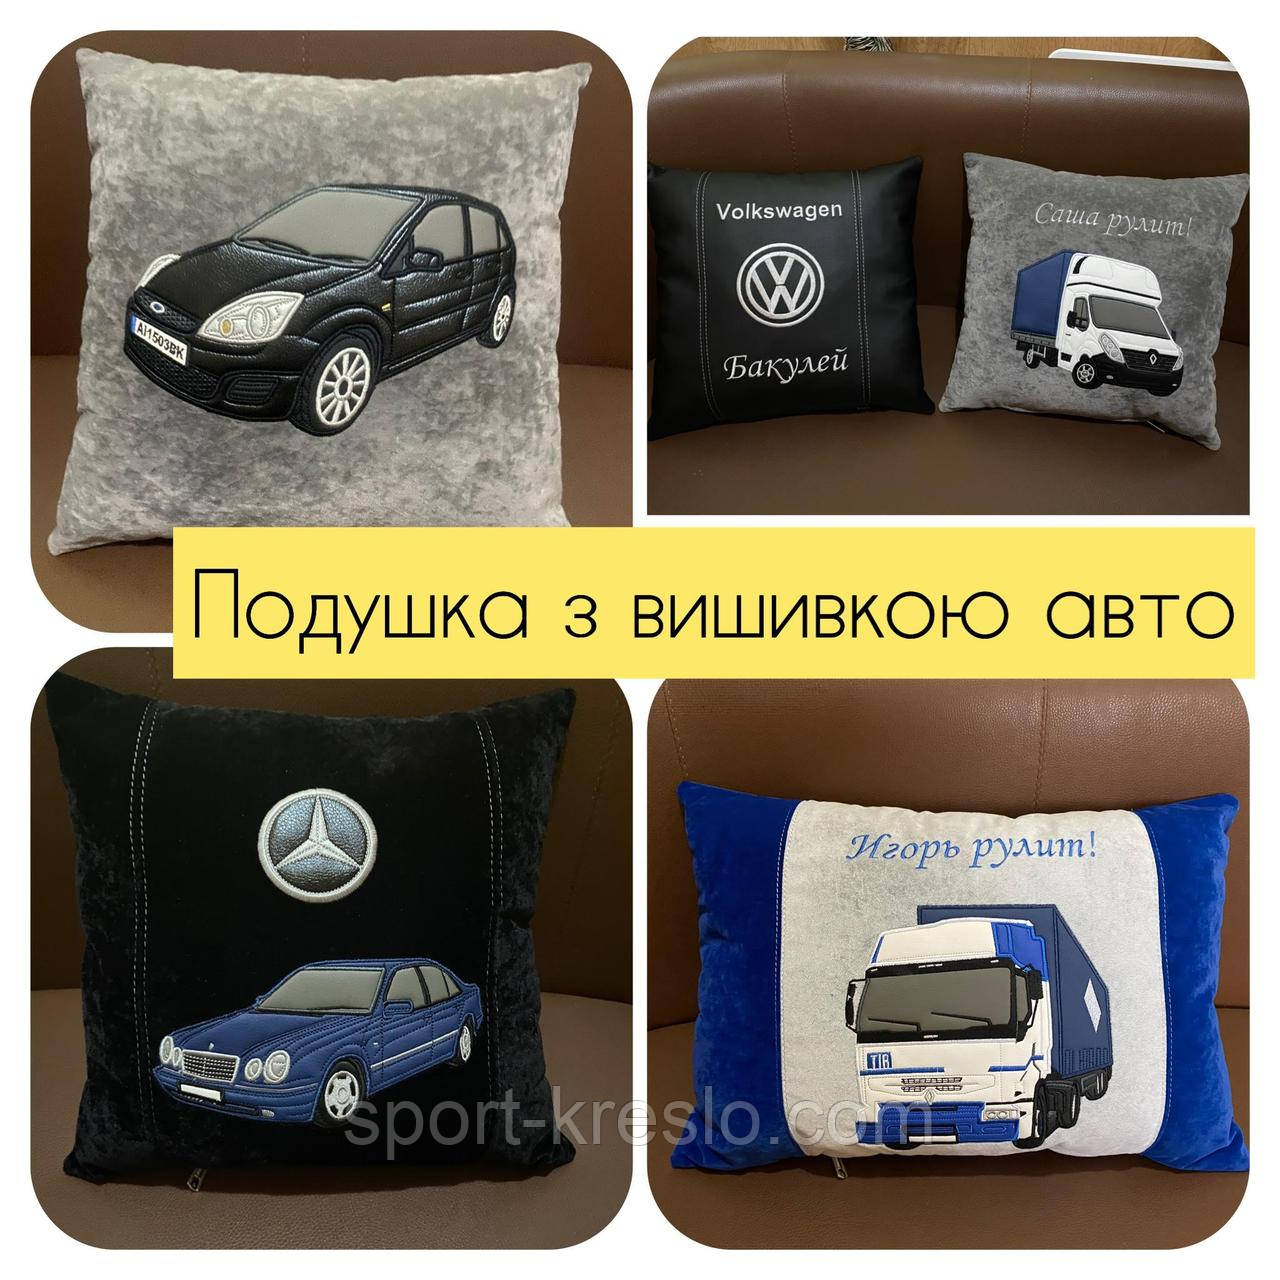 Автомобильные подушки с вышивкой логотипа, автоаксессуары в авто